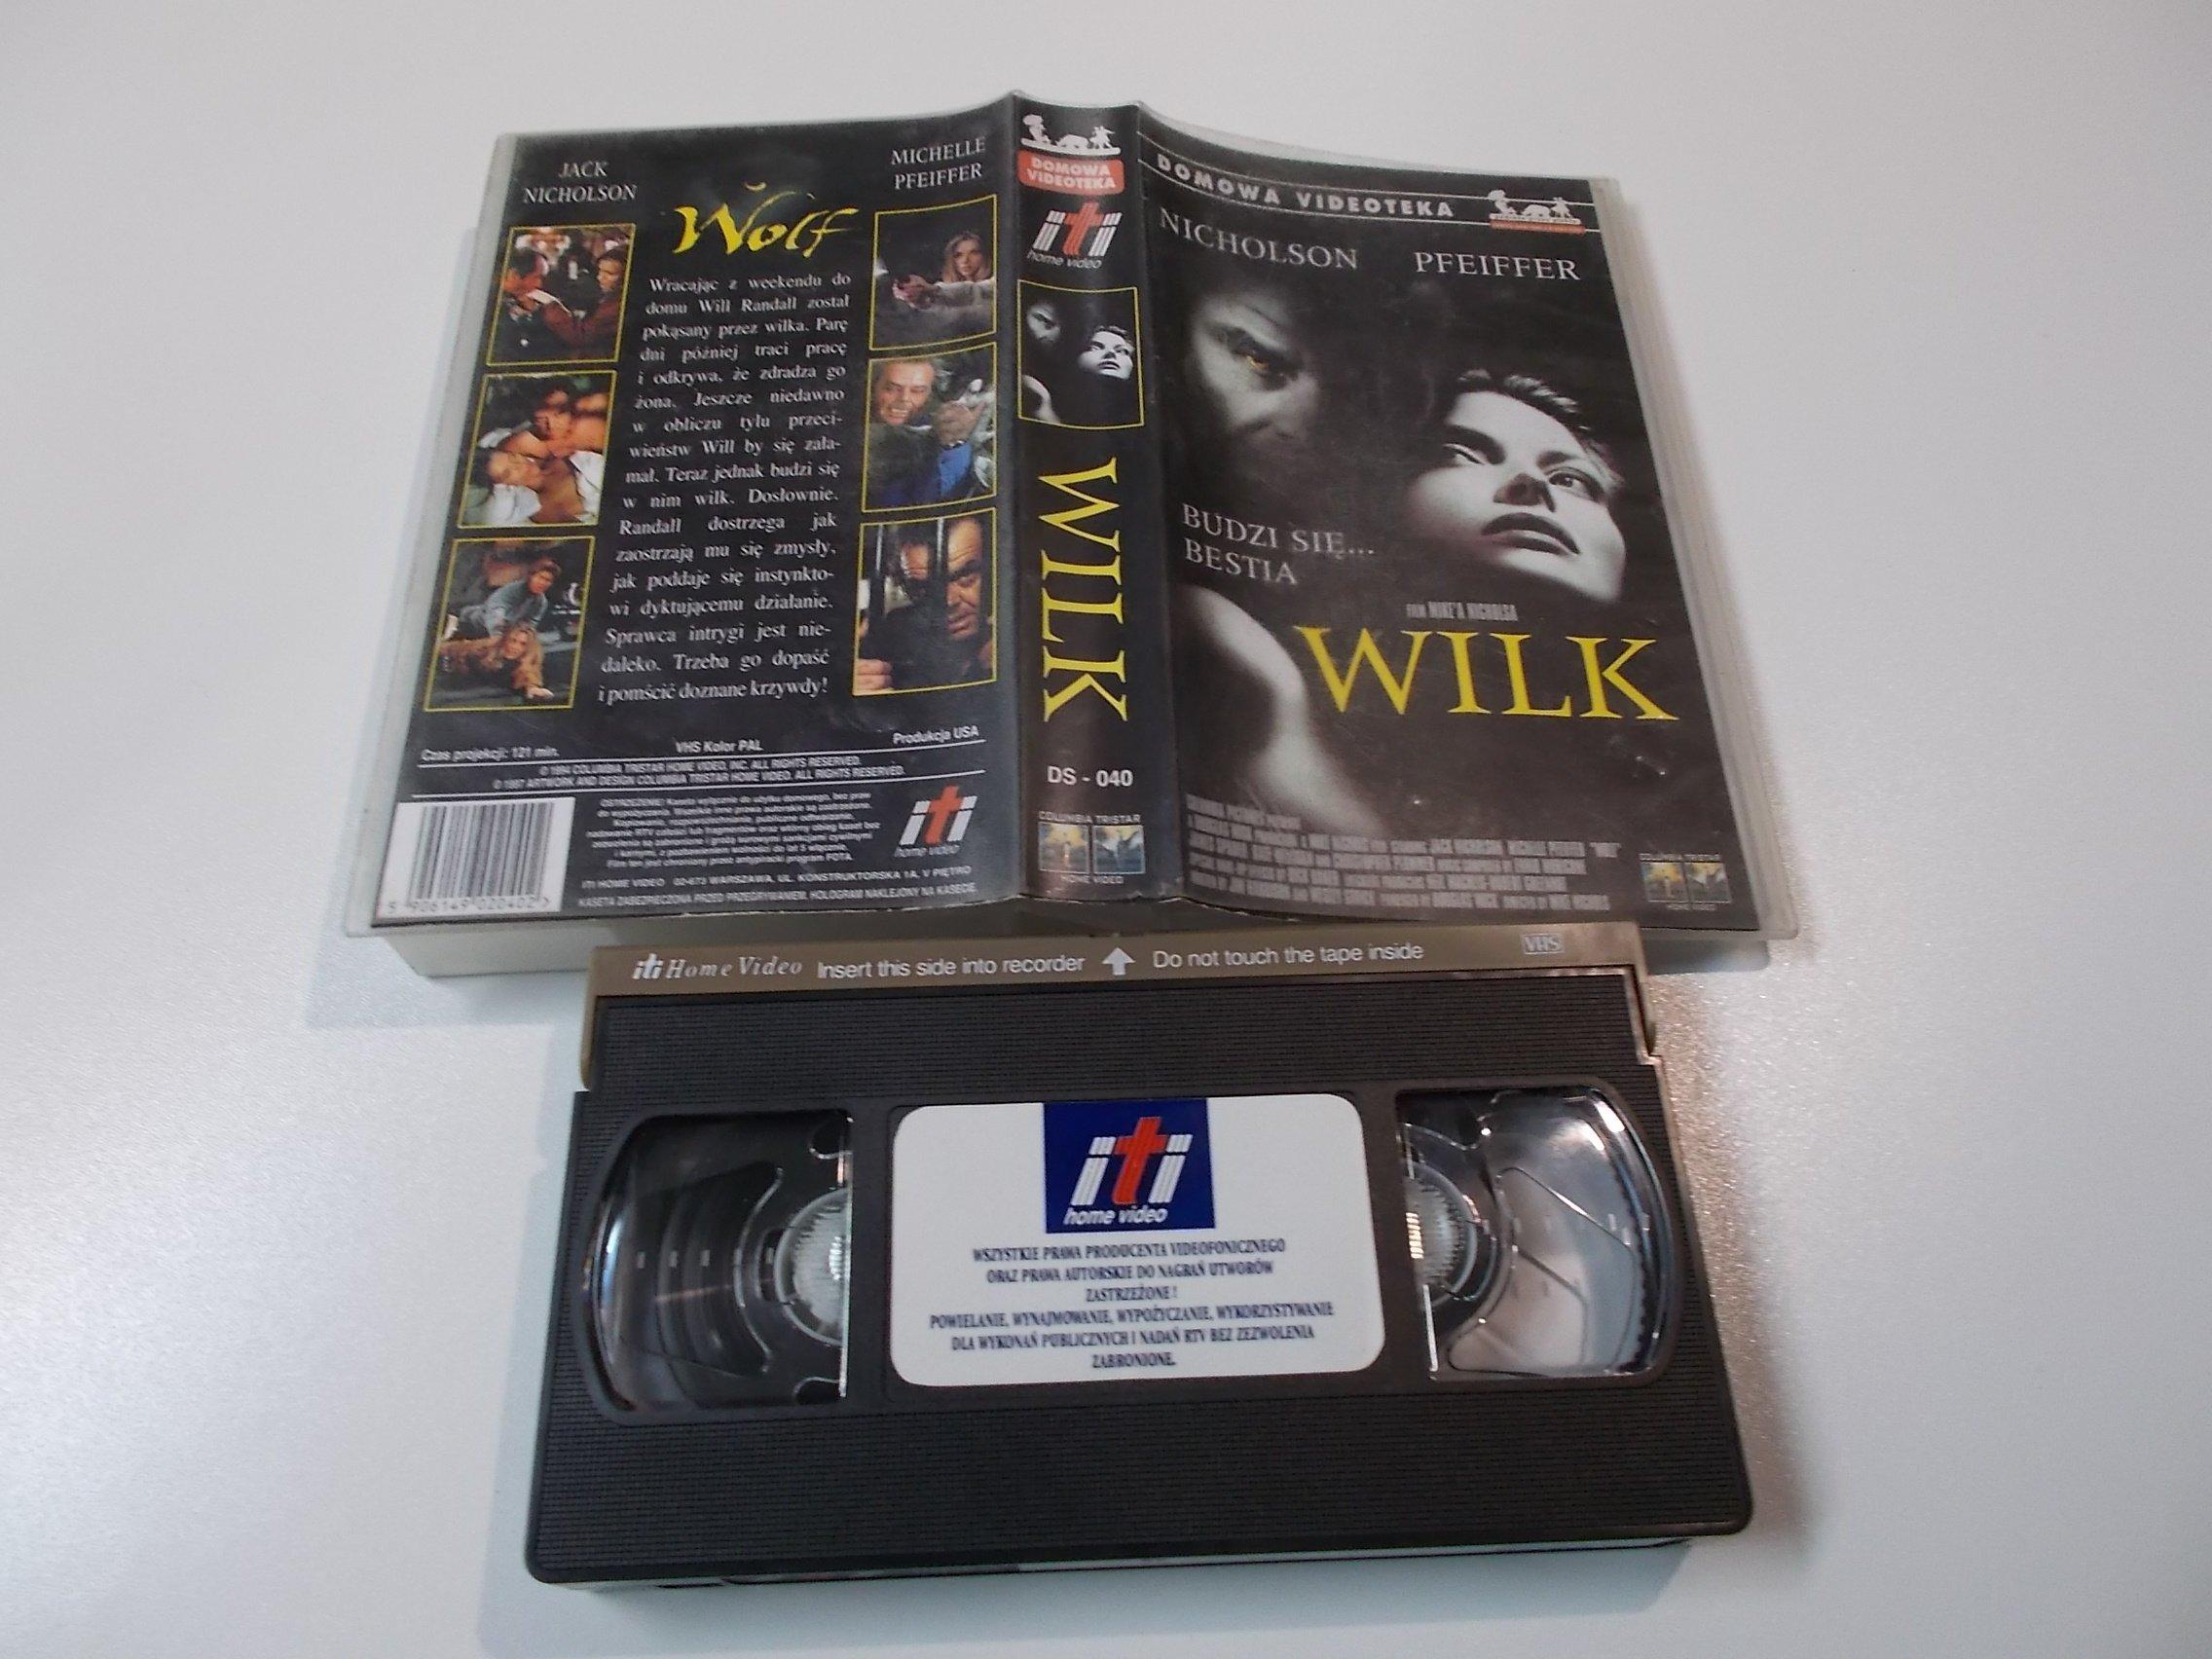 WILK - JACK NICHOLSON - Kaseta Video VHS - 1473 Opole - AlleOpole.pl